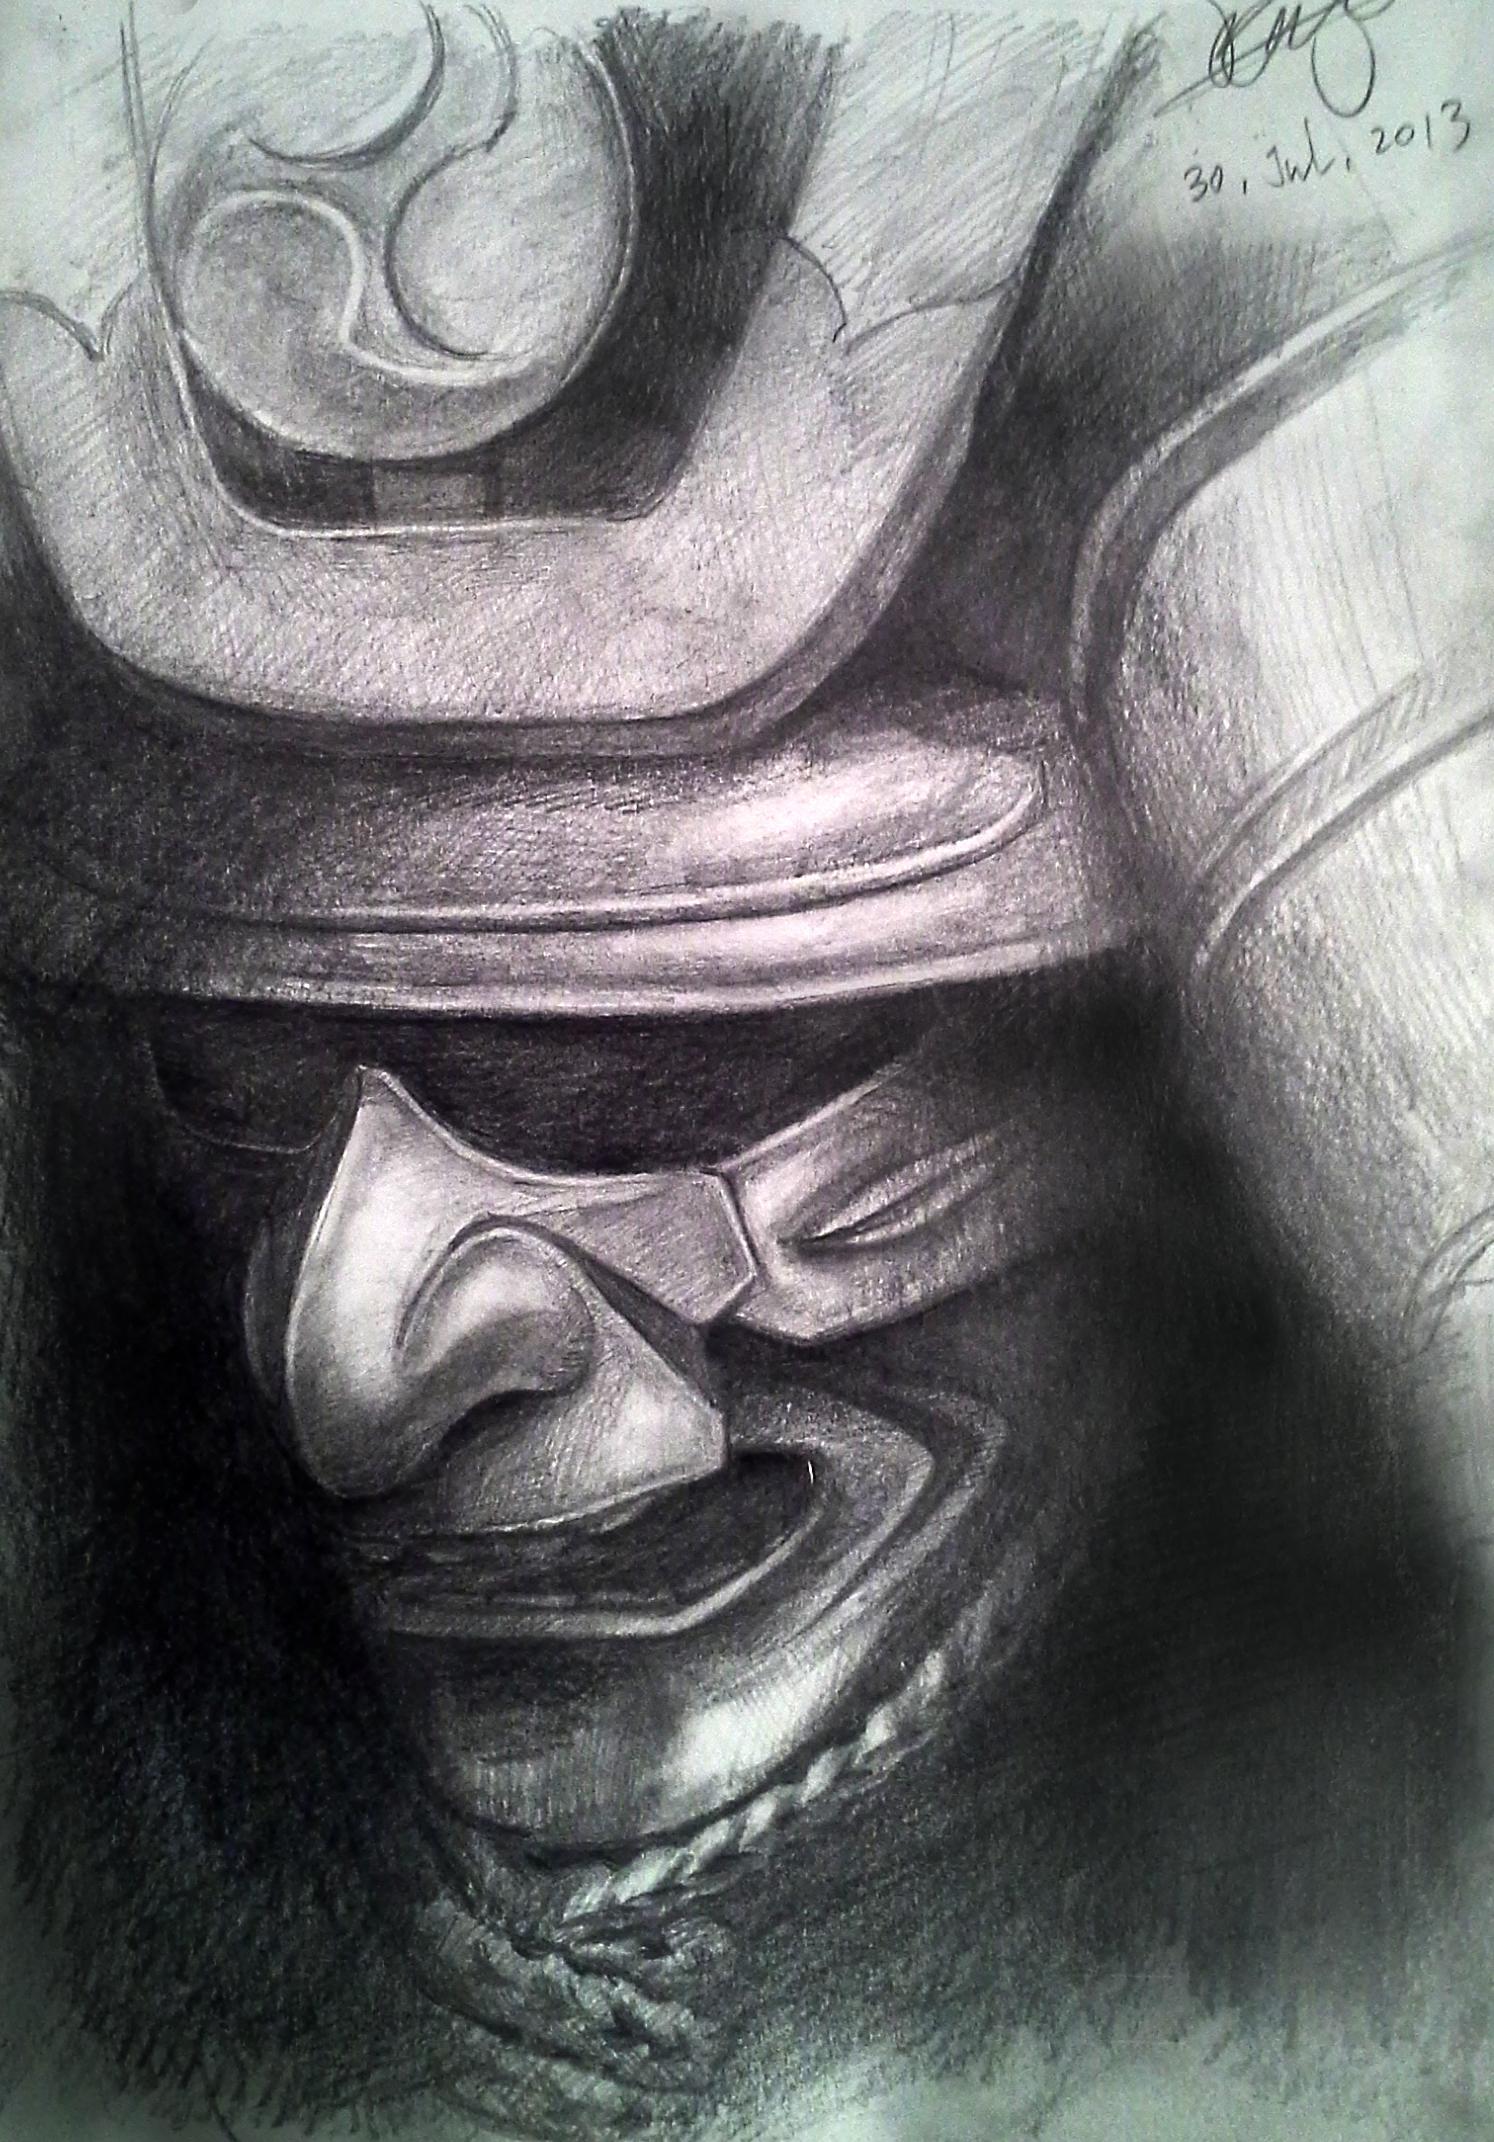 Drawn samurai samurai warrior Pinterest armor Samurai armor armor